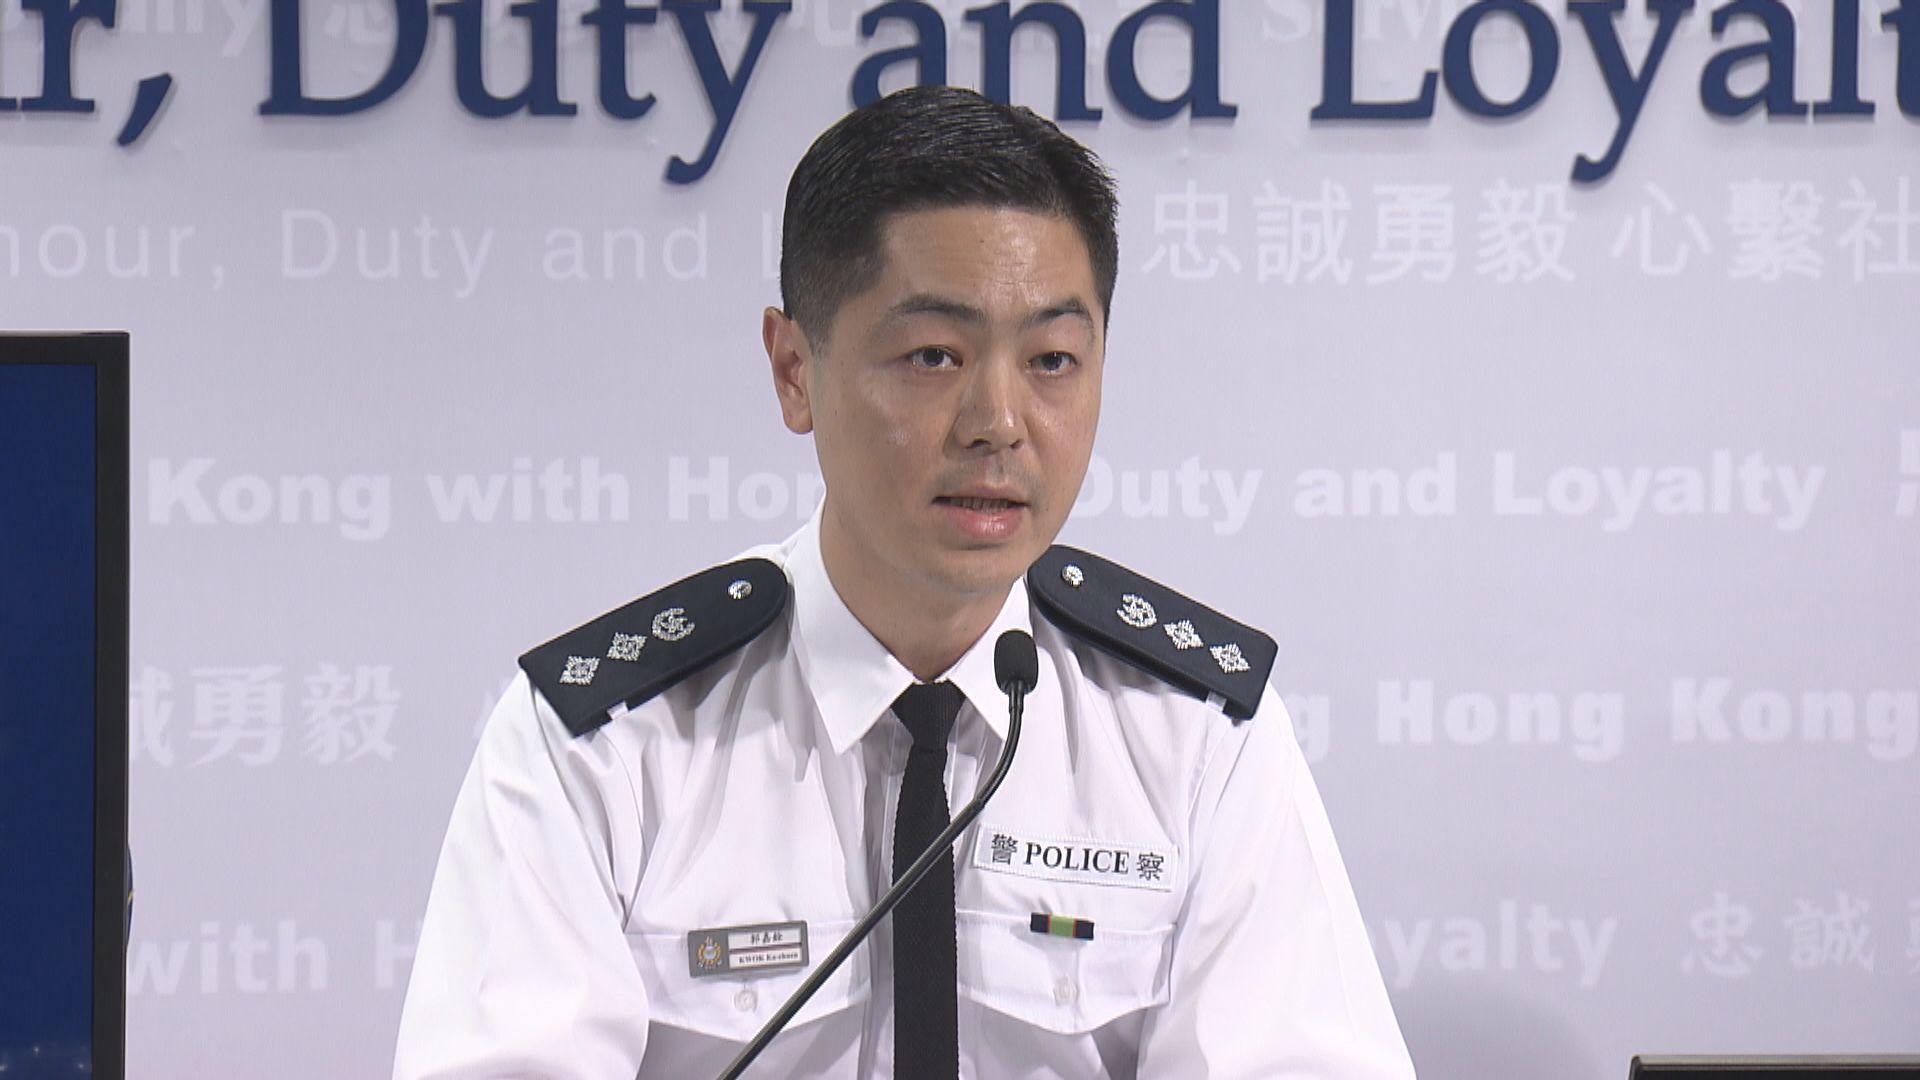 警方:新修訂不影響採訪 在指定情況才會特別安排